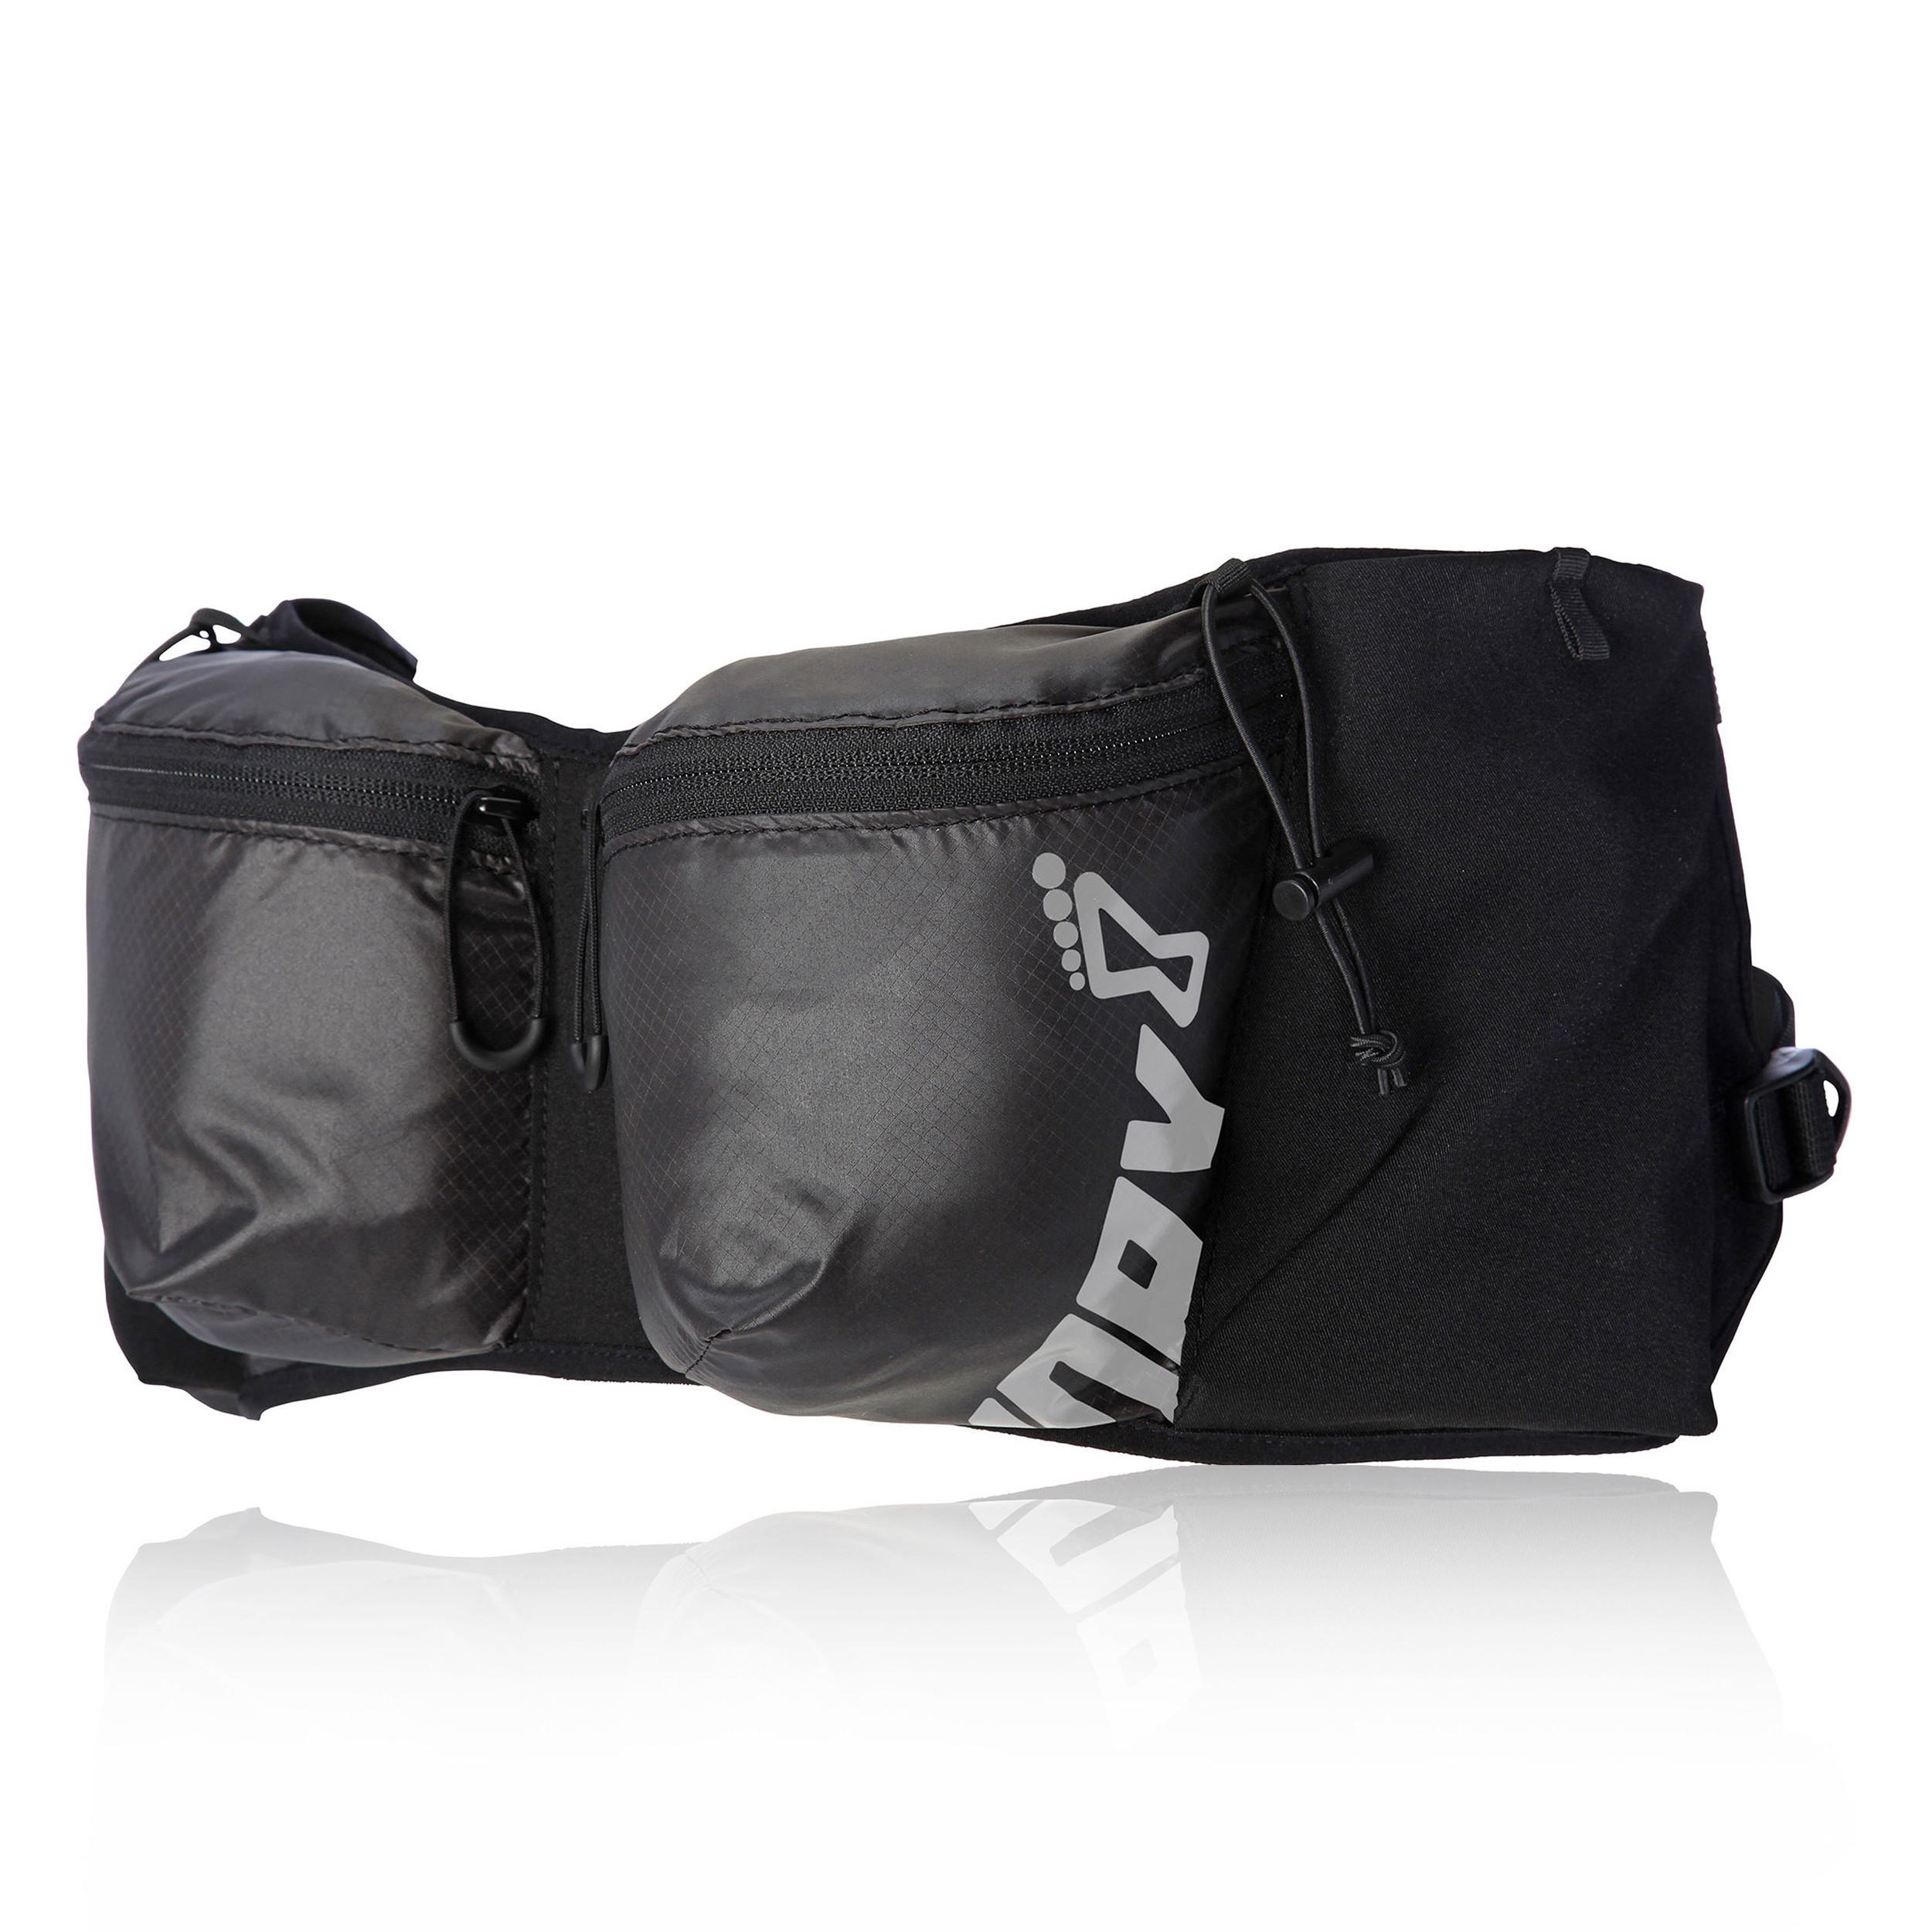 Inov 8 race elite noir running sac banane ceinture porte bouteille gourde 3l ebay - Ceinture porte gourde running ...